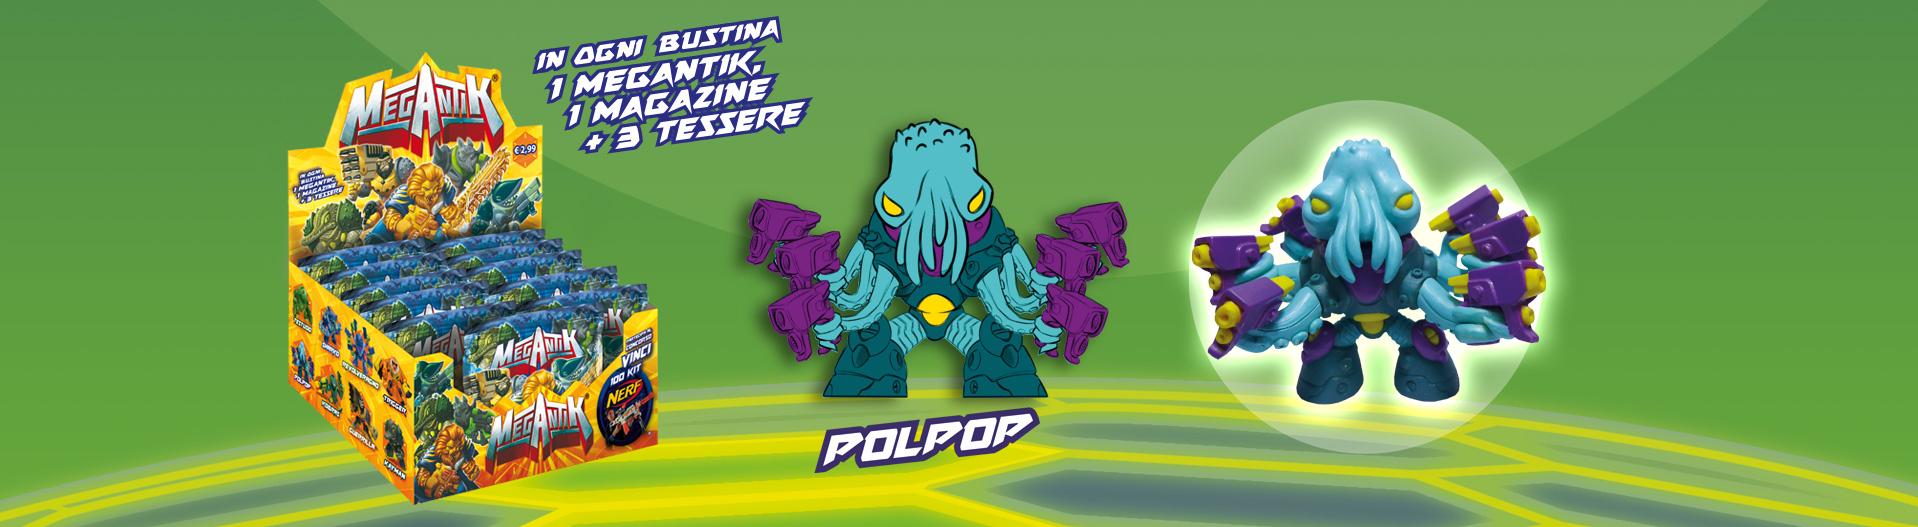 POLPOP1